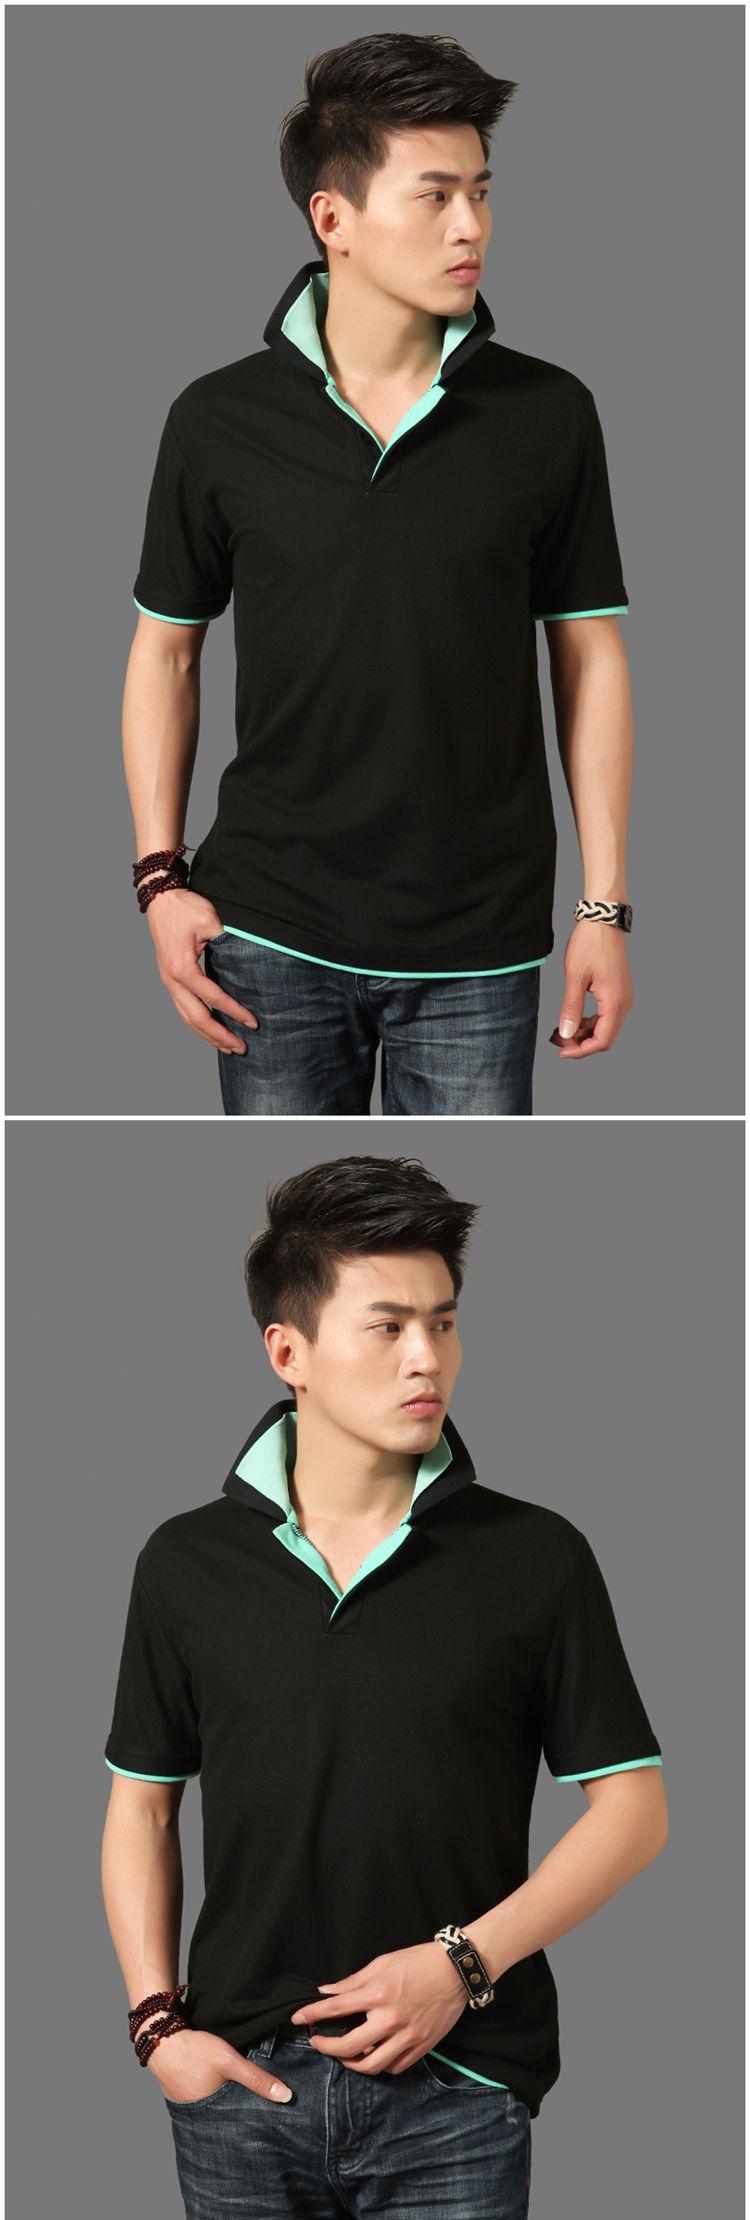 海珠区工作服,t恤衫面料的延伸性与弹性